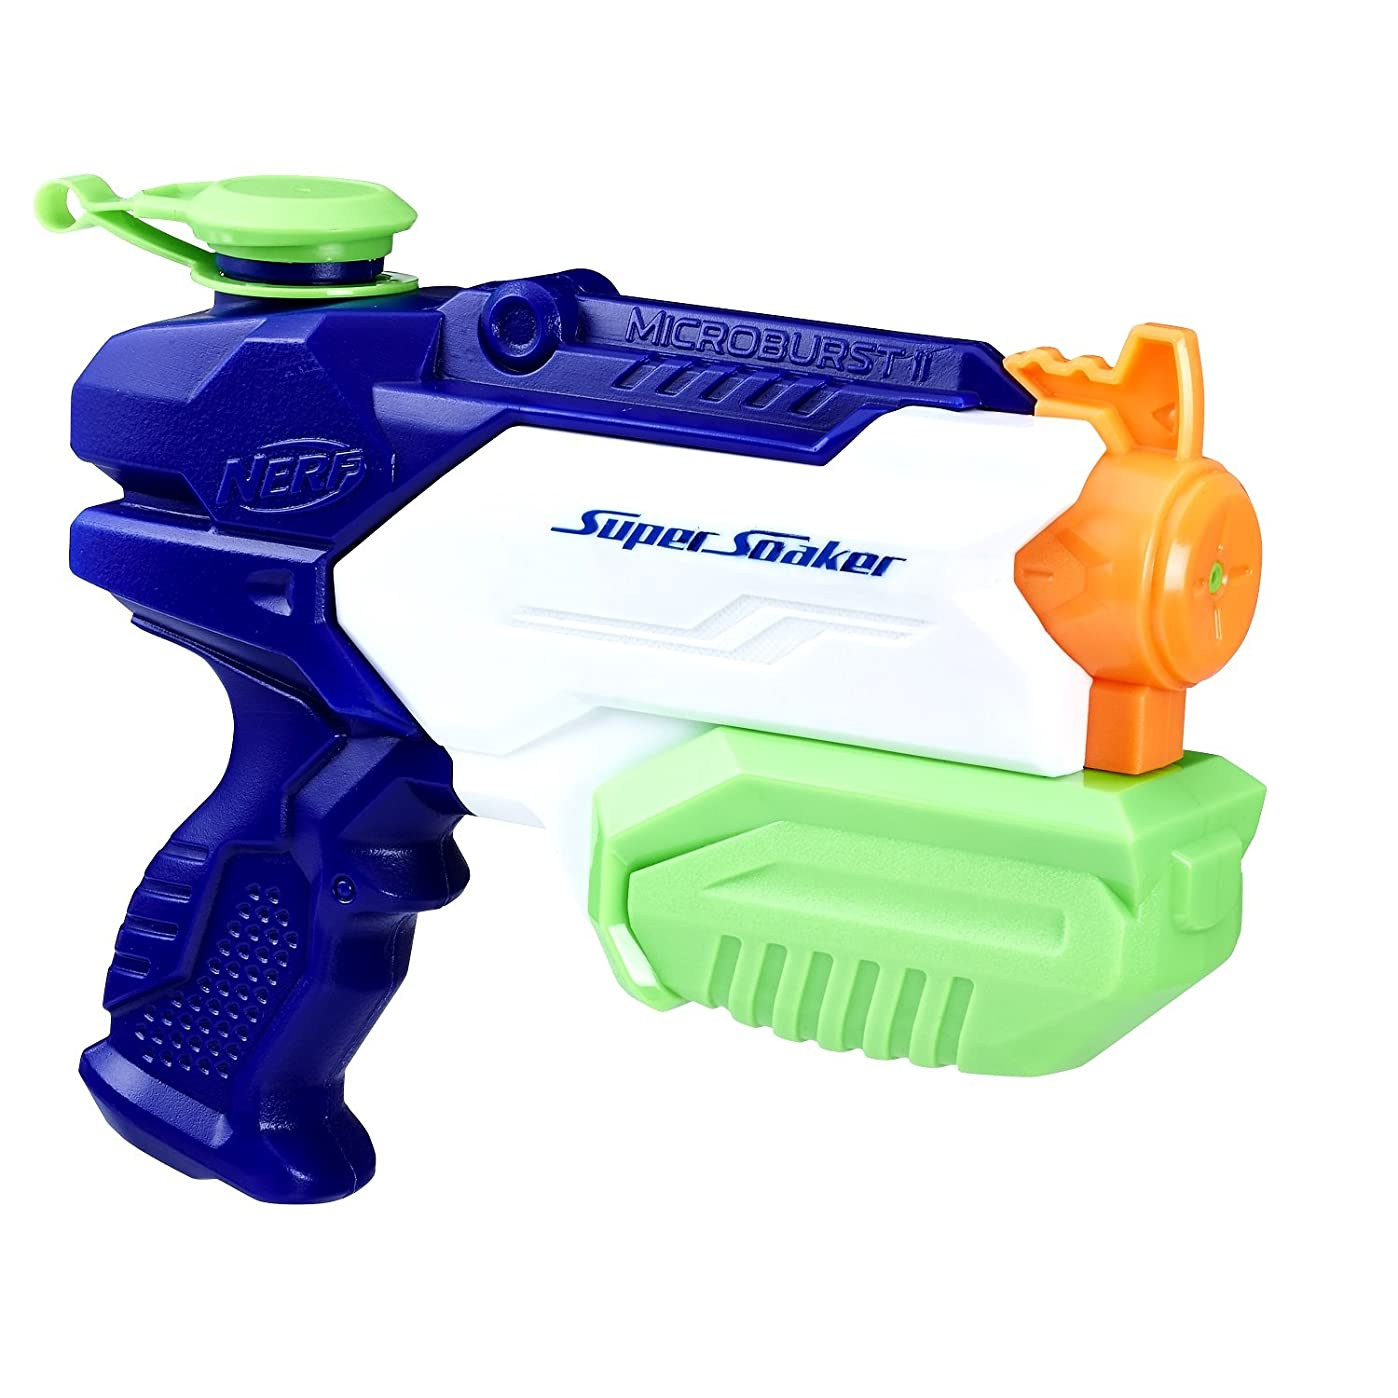 手綱キッチンムスタチオGrowthPic 水鉄砲 超強力飛距離 お風呂 アップグレードバージョンの強力水鉄砲1000cc大容量で遠くまで飛ばせる、夏の海辺やプールのおもちゃ2 PCS親子セット 水遊び おもちゃ